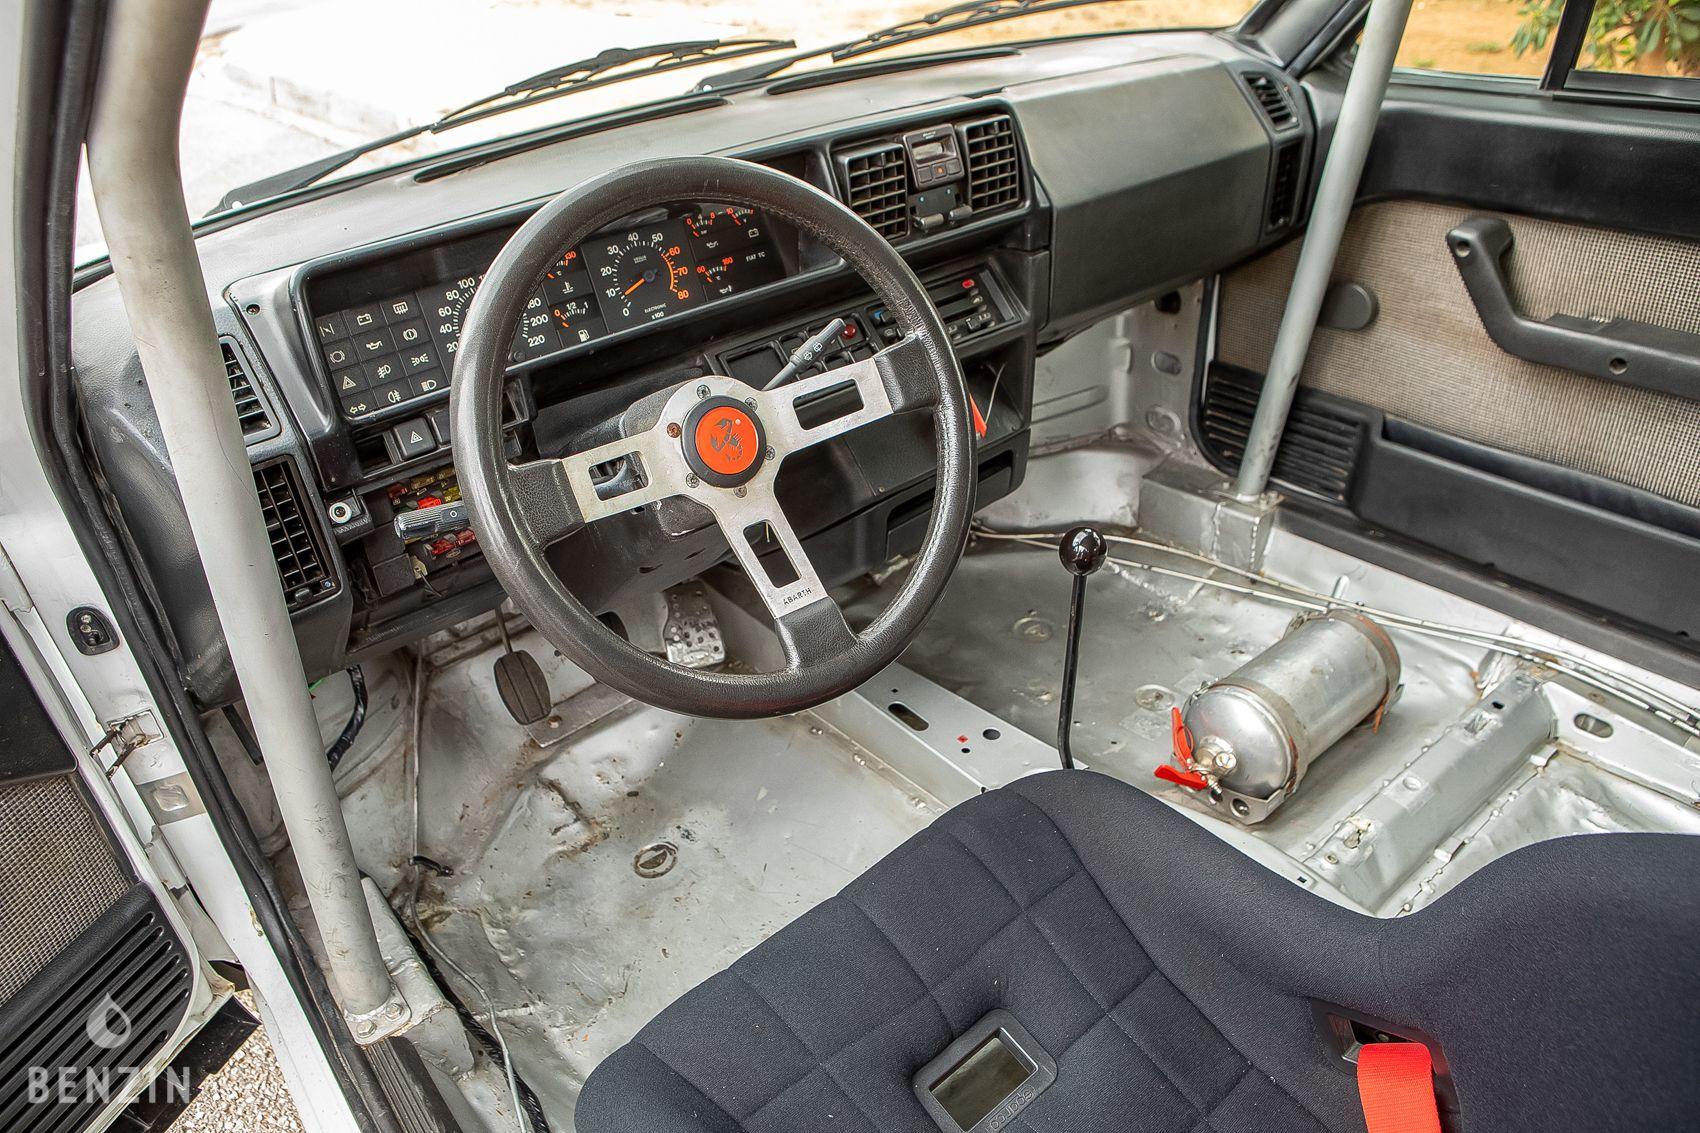 FIAT RITMO ABARTH 130 TC FOR SALE EN VENTE A VENDRE EN VENTA EN VENDITA TE KOOP SU VERKAUFEN